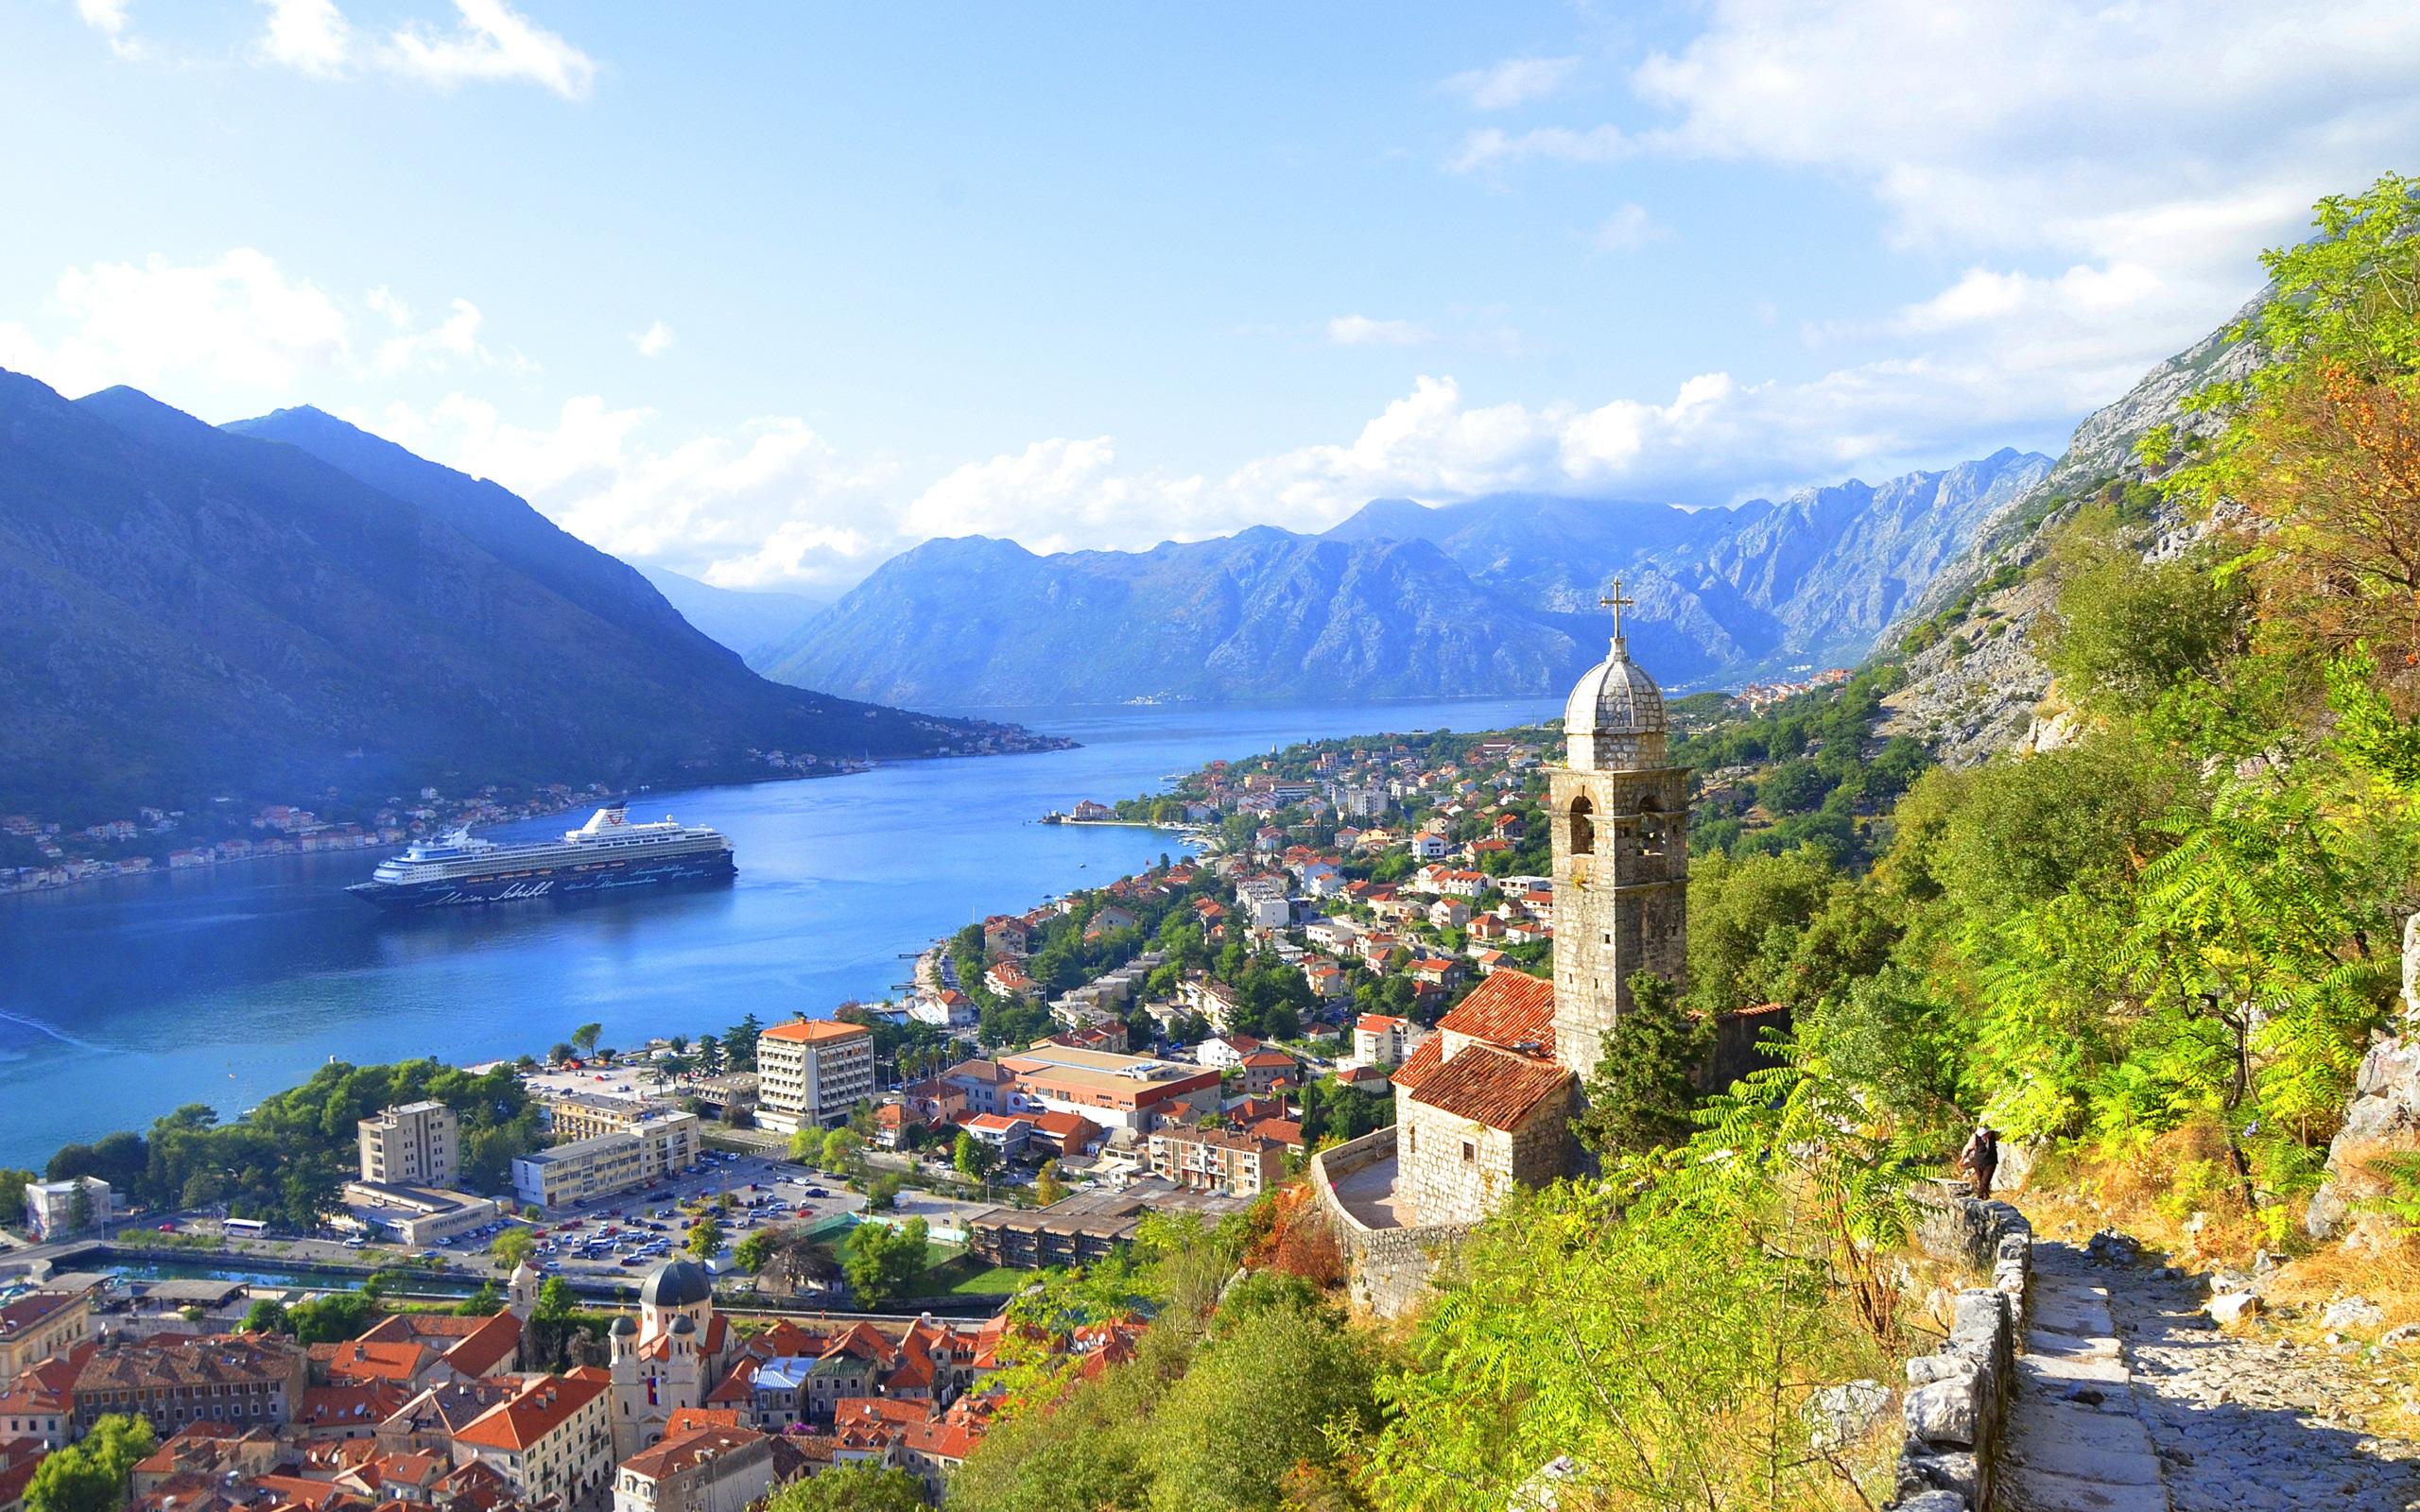 способа красивые виды черногории фото столкновения между